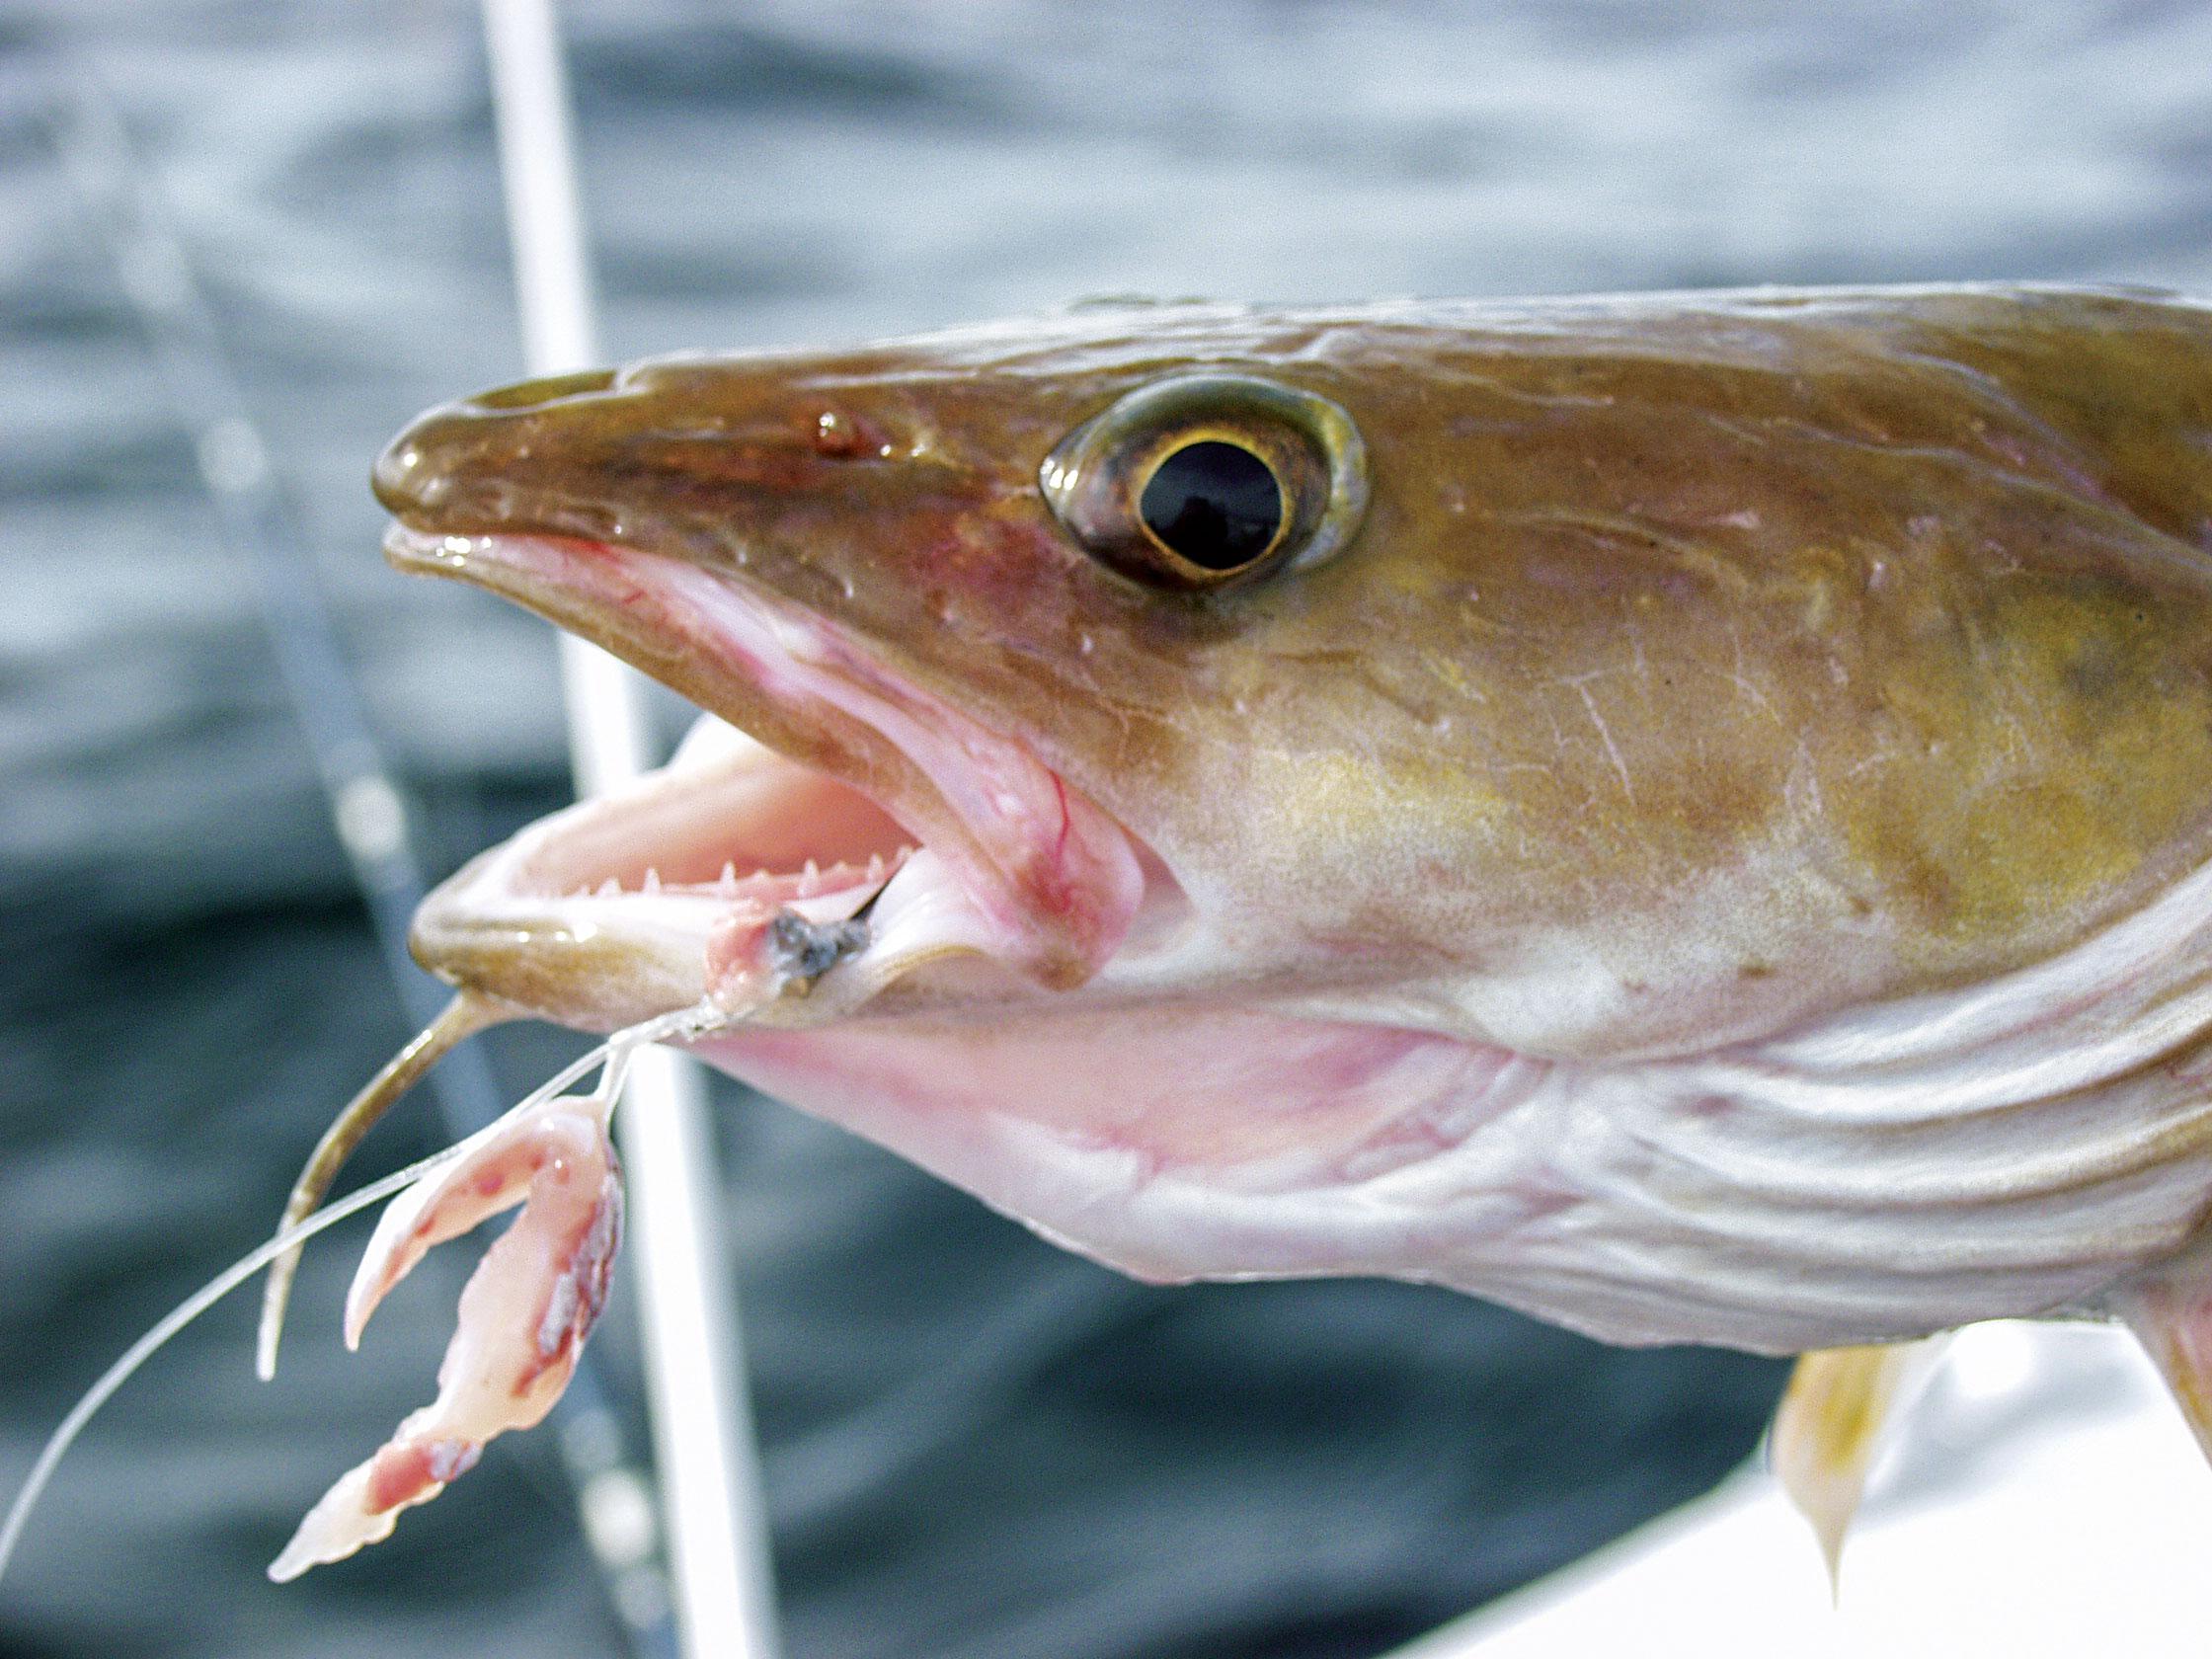 Der Leng zählt ebenso mit zu den beliebtesten Zielfische beim Angeln in norwegen. Ihn fängt man am besten mit Köderfisch oder fetzen direkt am Grund.